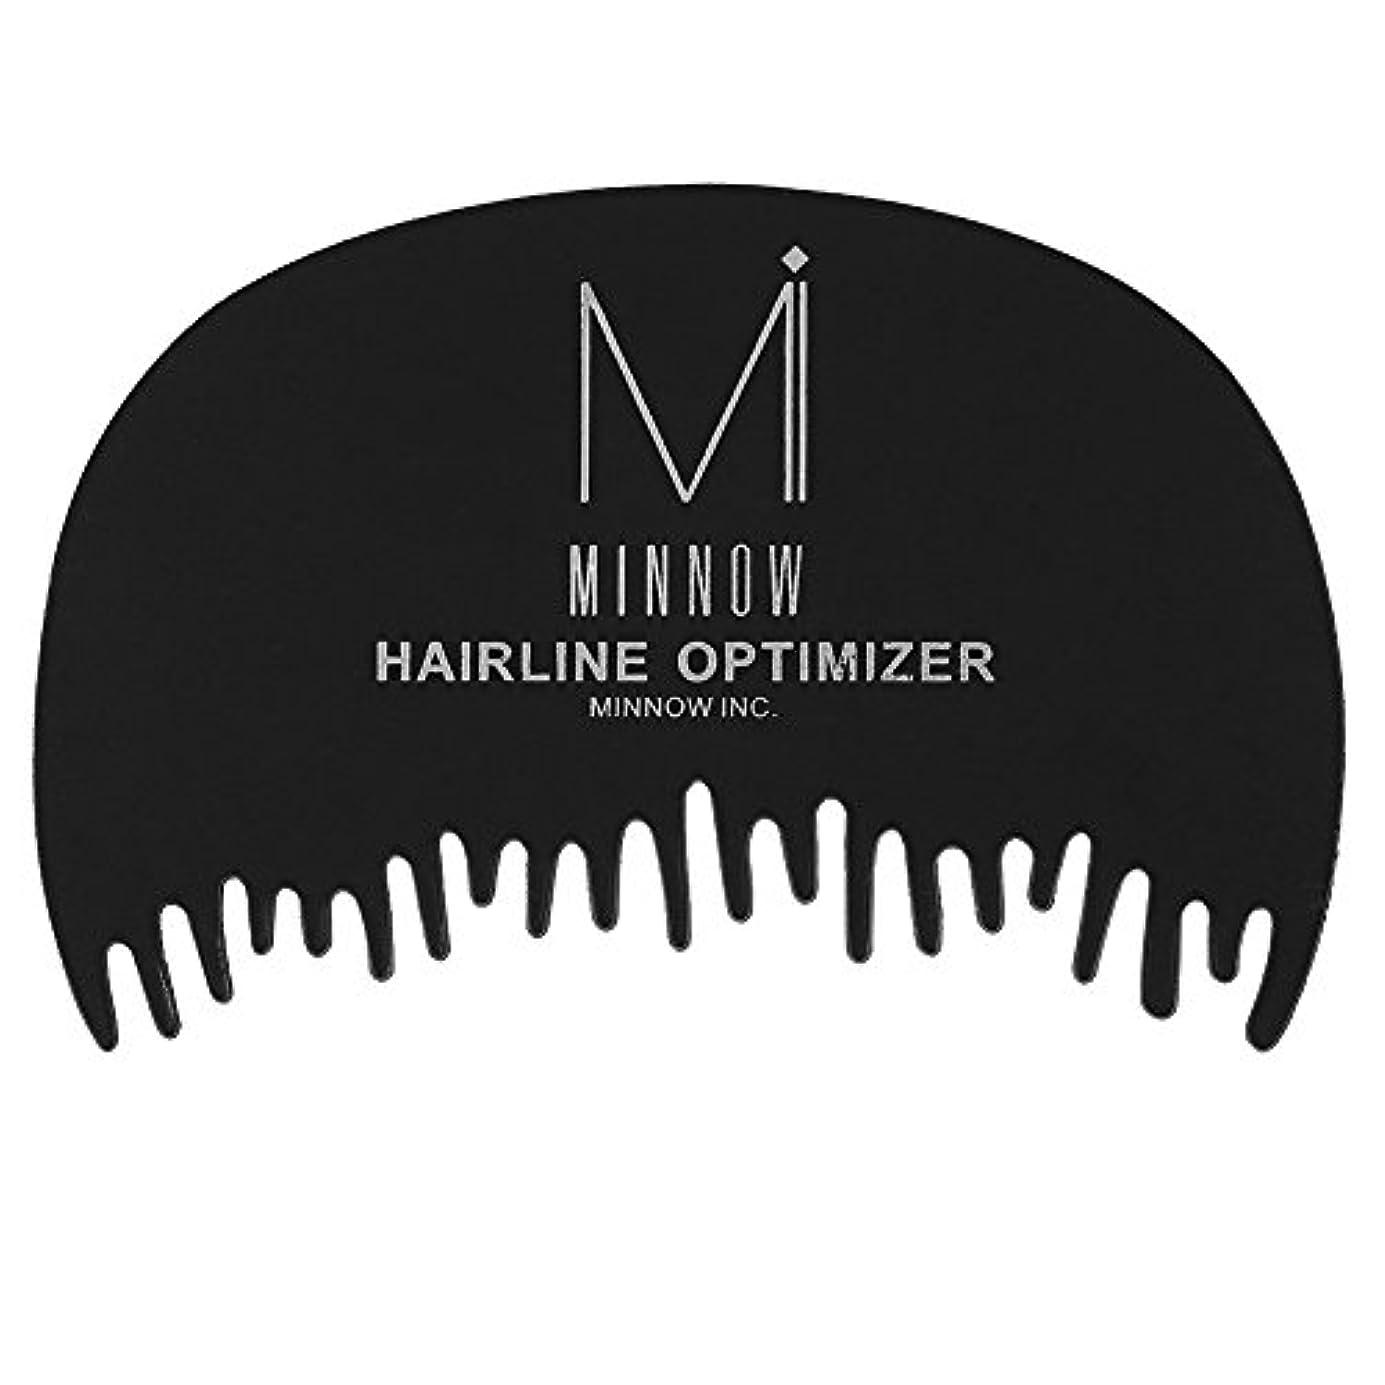 アボート危険を冒しますヘアラインコーム、ヘアドレッサー細い毛繊維の前髪ヘアラインオプティマイザーフィルムプラスチック専用コーム、プロフェッショナルビューティーサロン製品アクセサリー